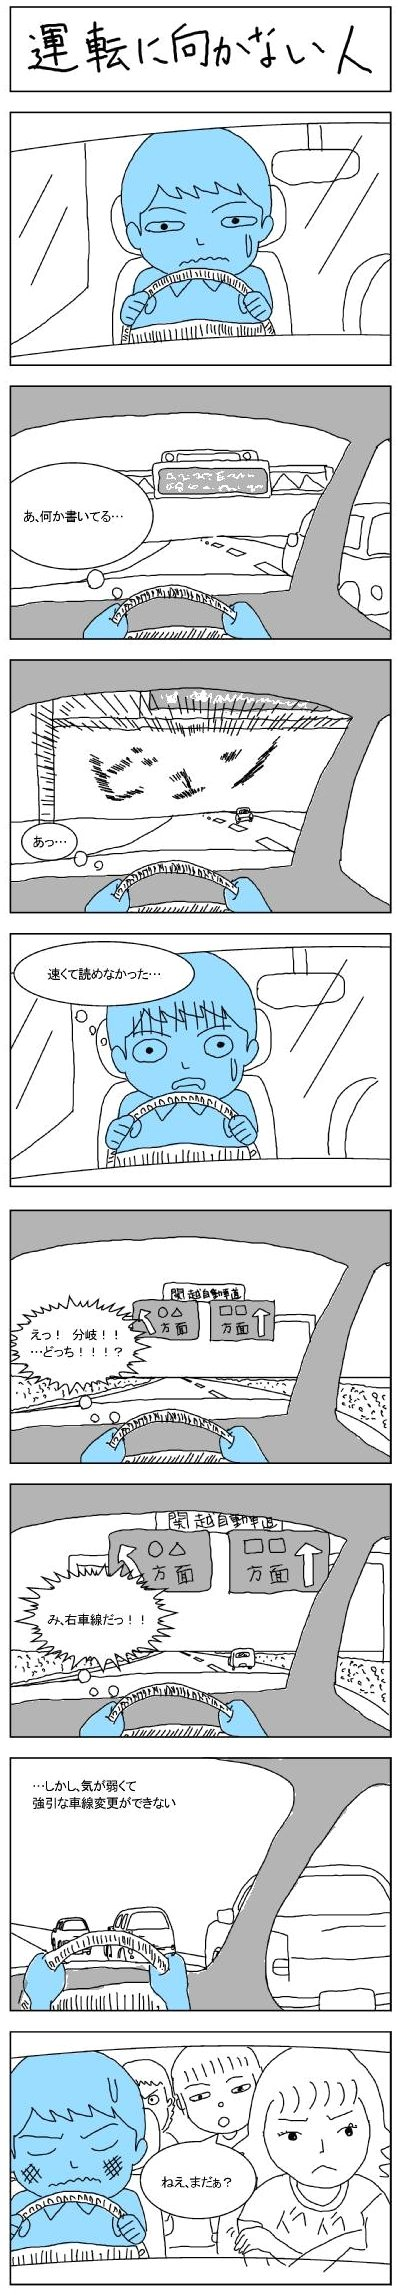 運転に向かない人